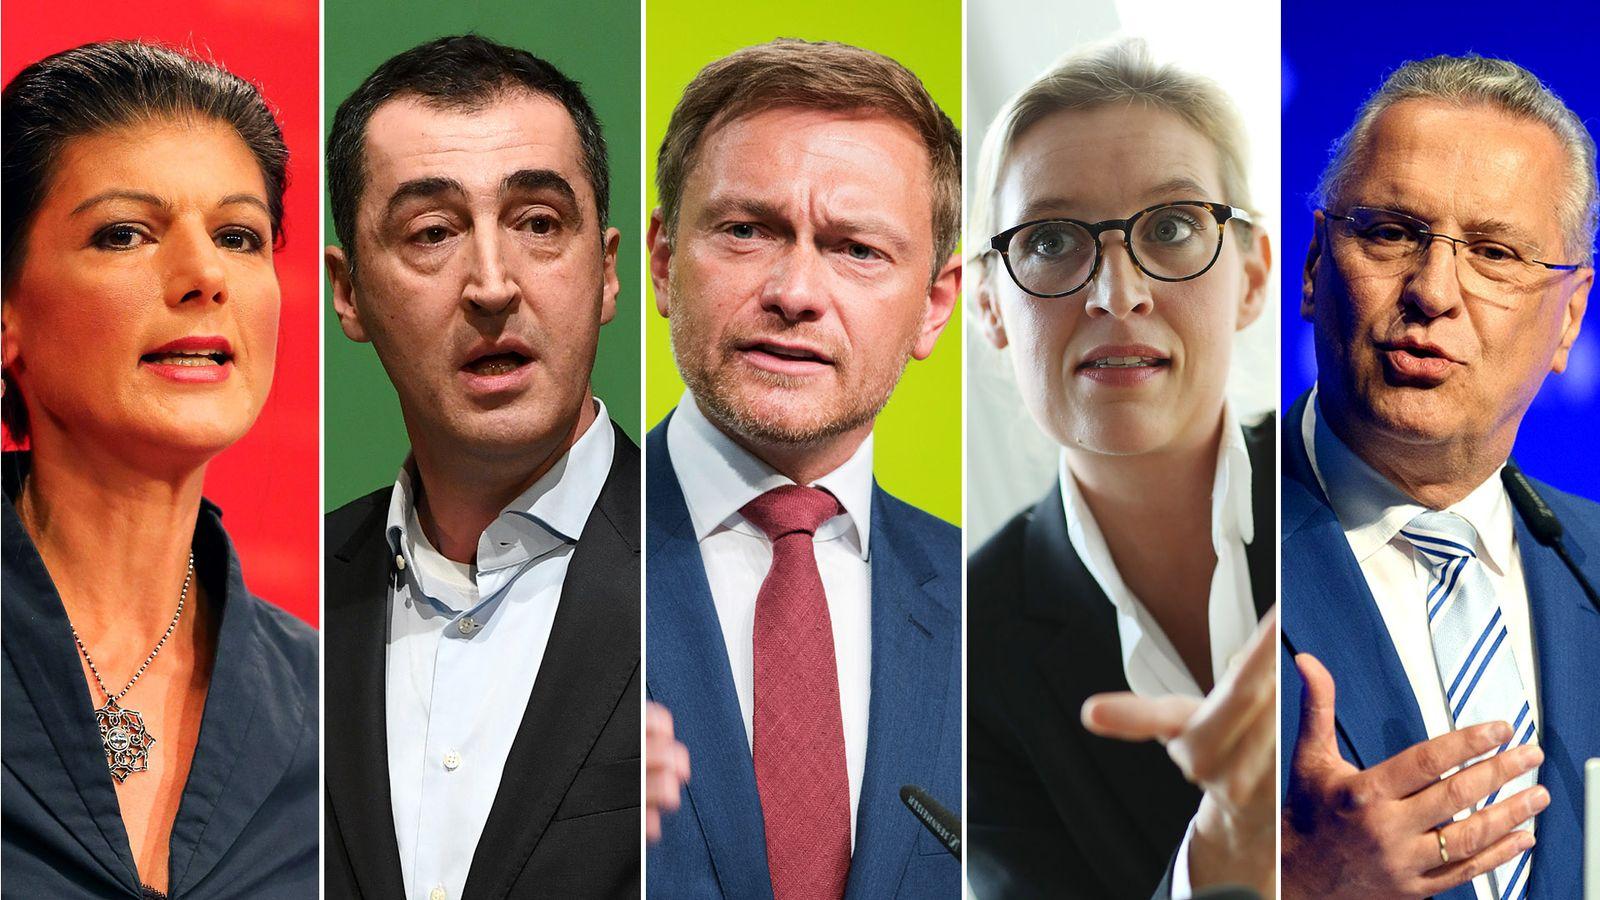 EINMALIGE VERWENDUNG KOMBO/ TV Duell/ Wagenknecht, Özdemir, Lindner, Weidel, Herrmann